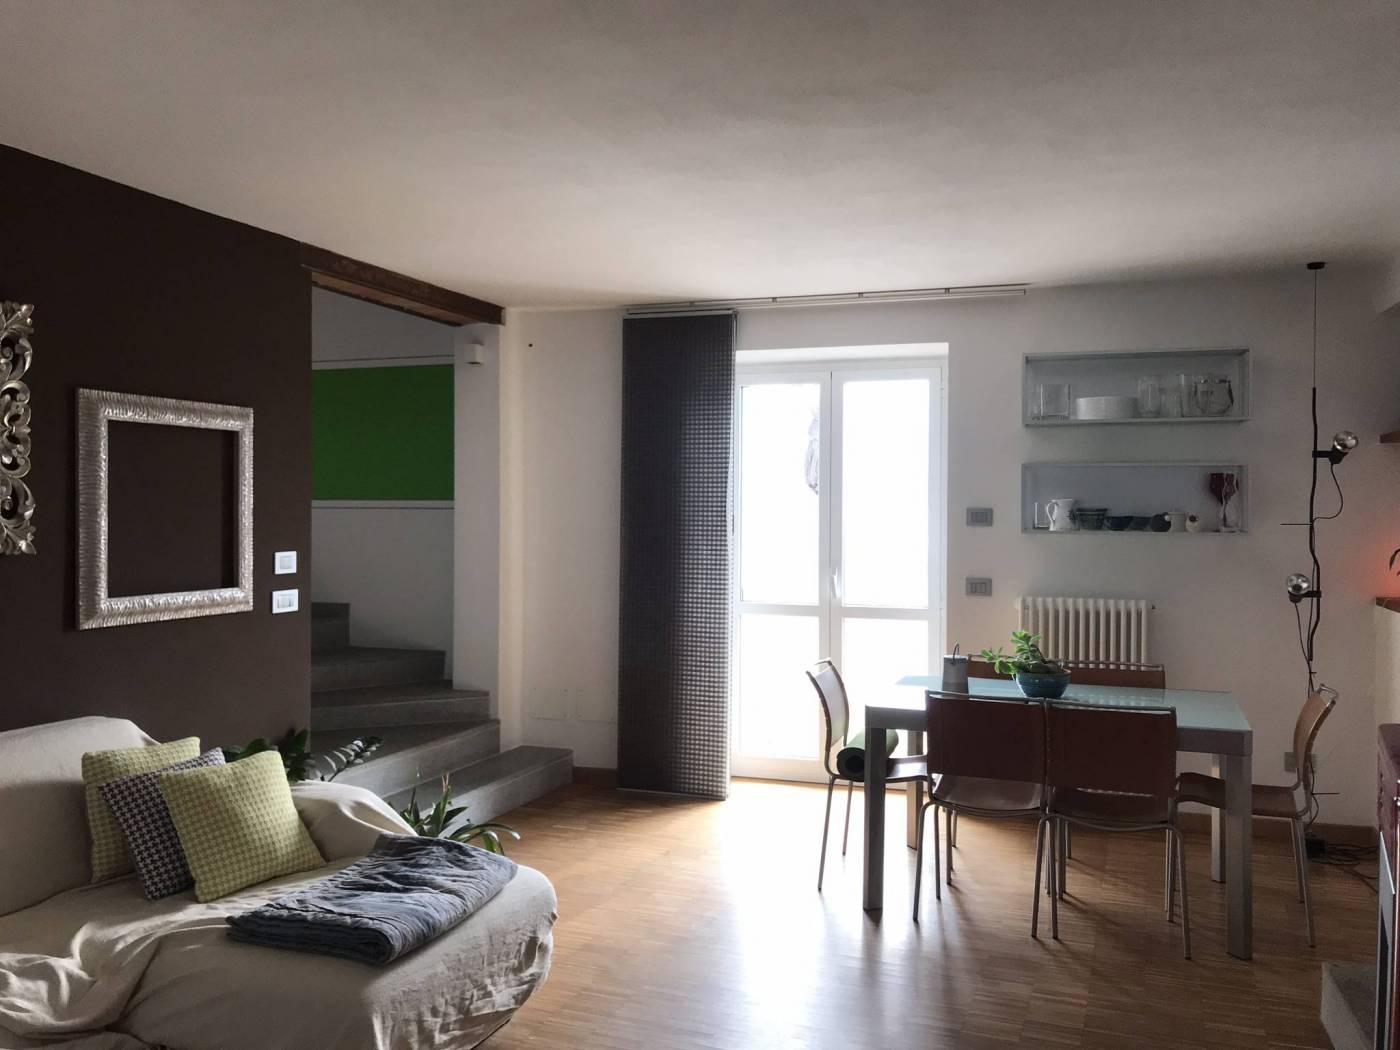 San Michele Mondovì vende appartamento in casa cielo a terra completamente ristrutturata